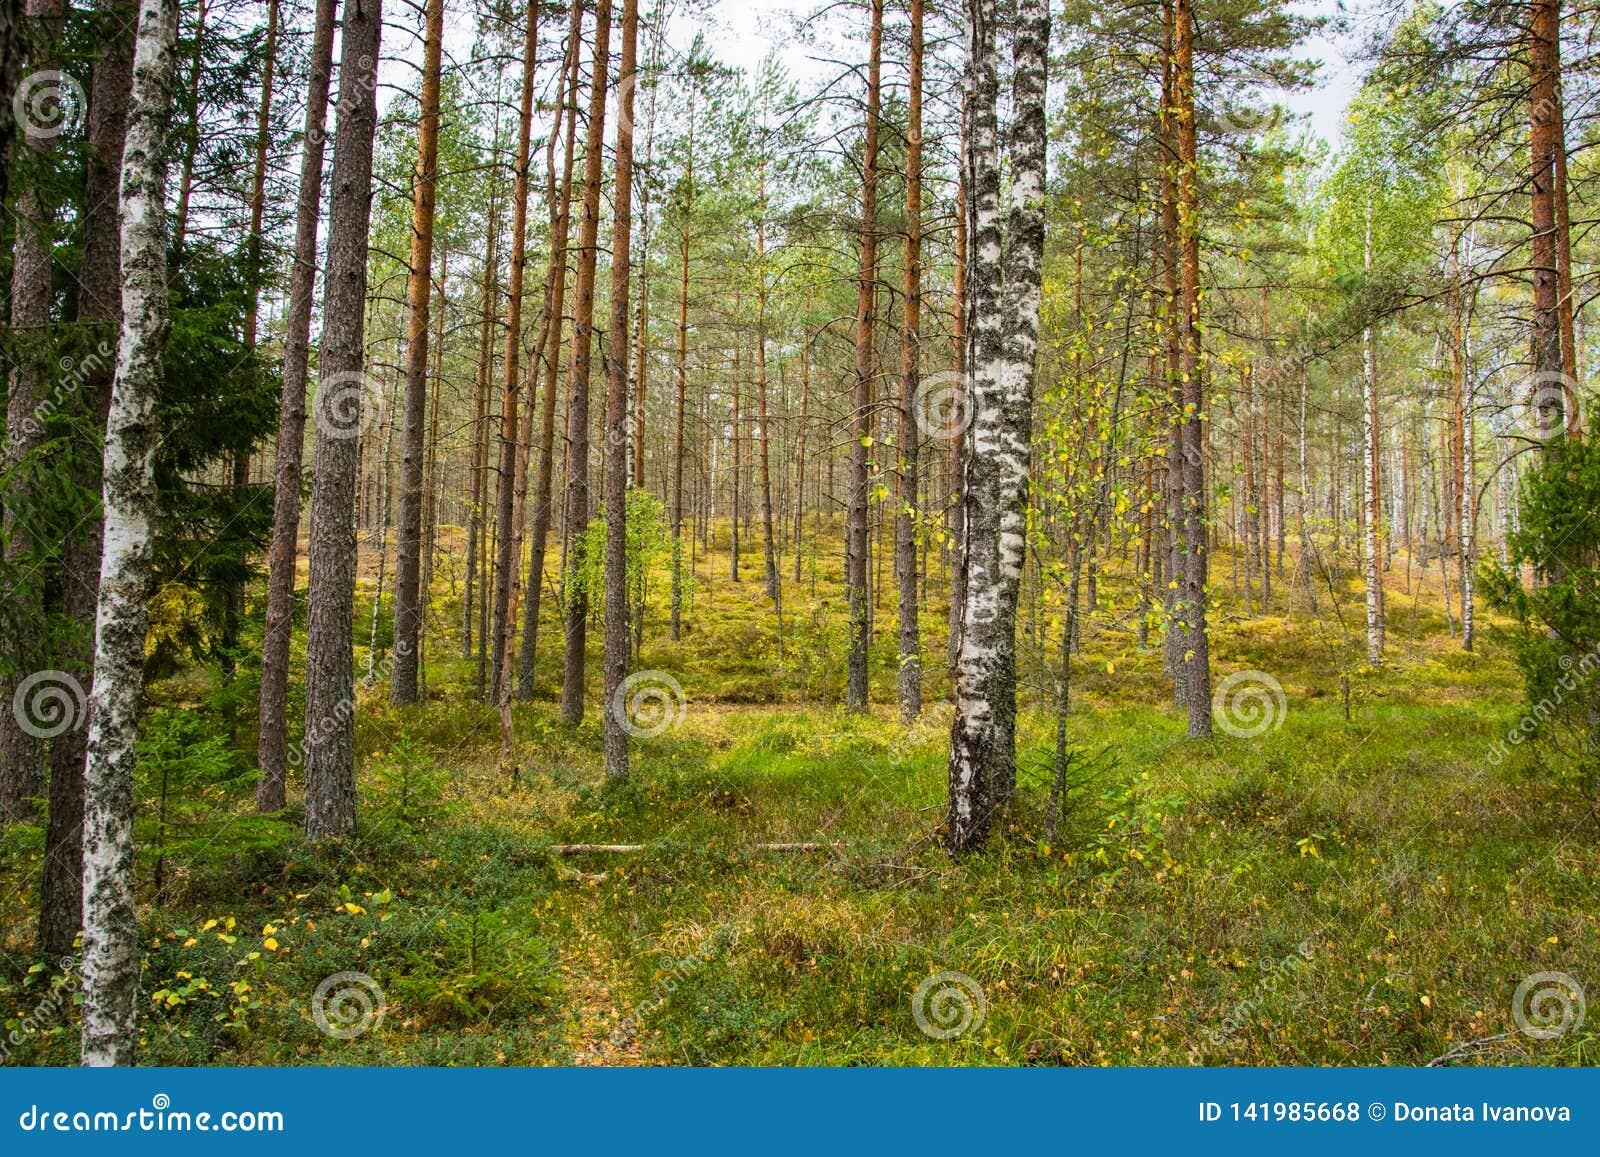 Autumn Forest Nature A manhã vívida na floresta colorida com sol irradia através dos ramos das árvores